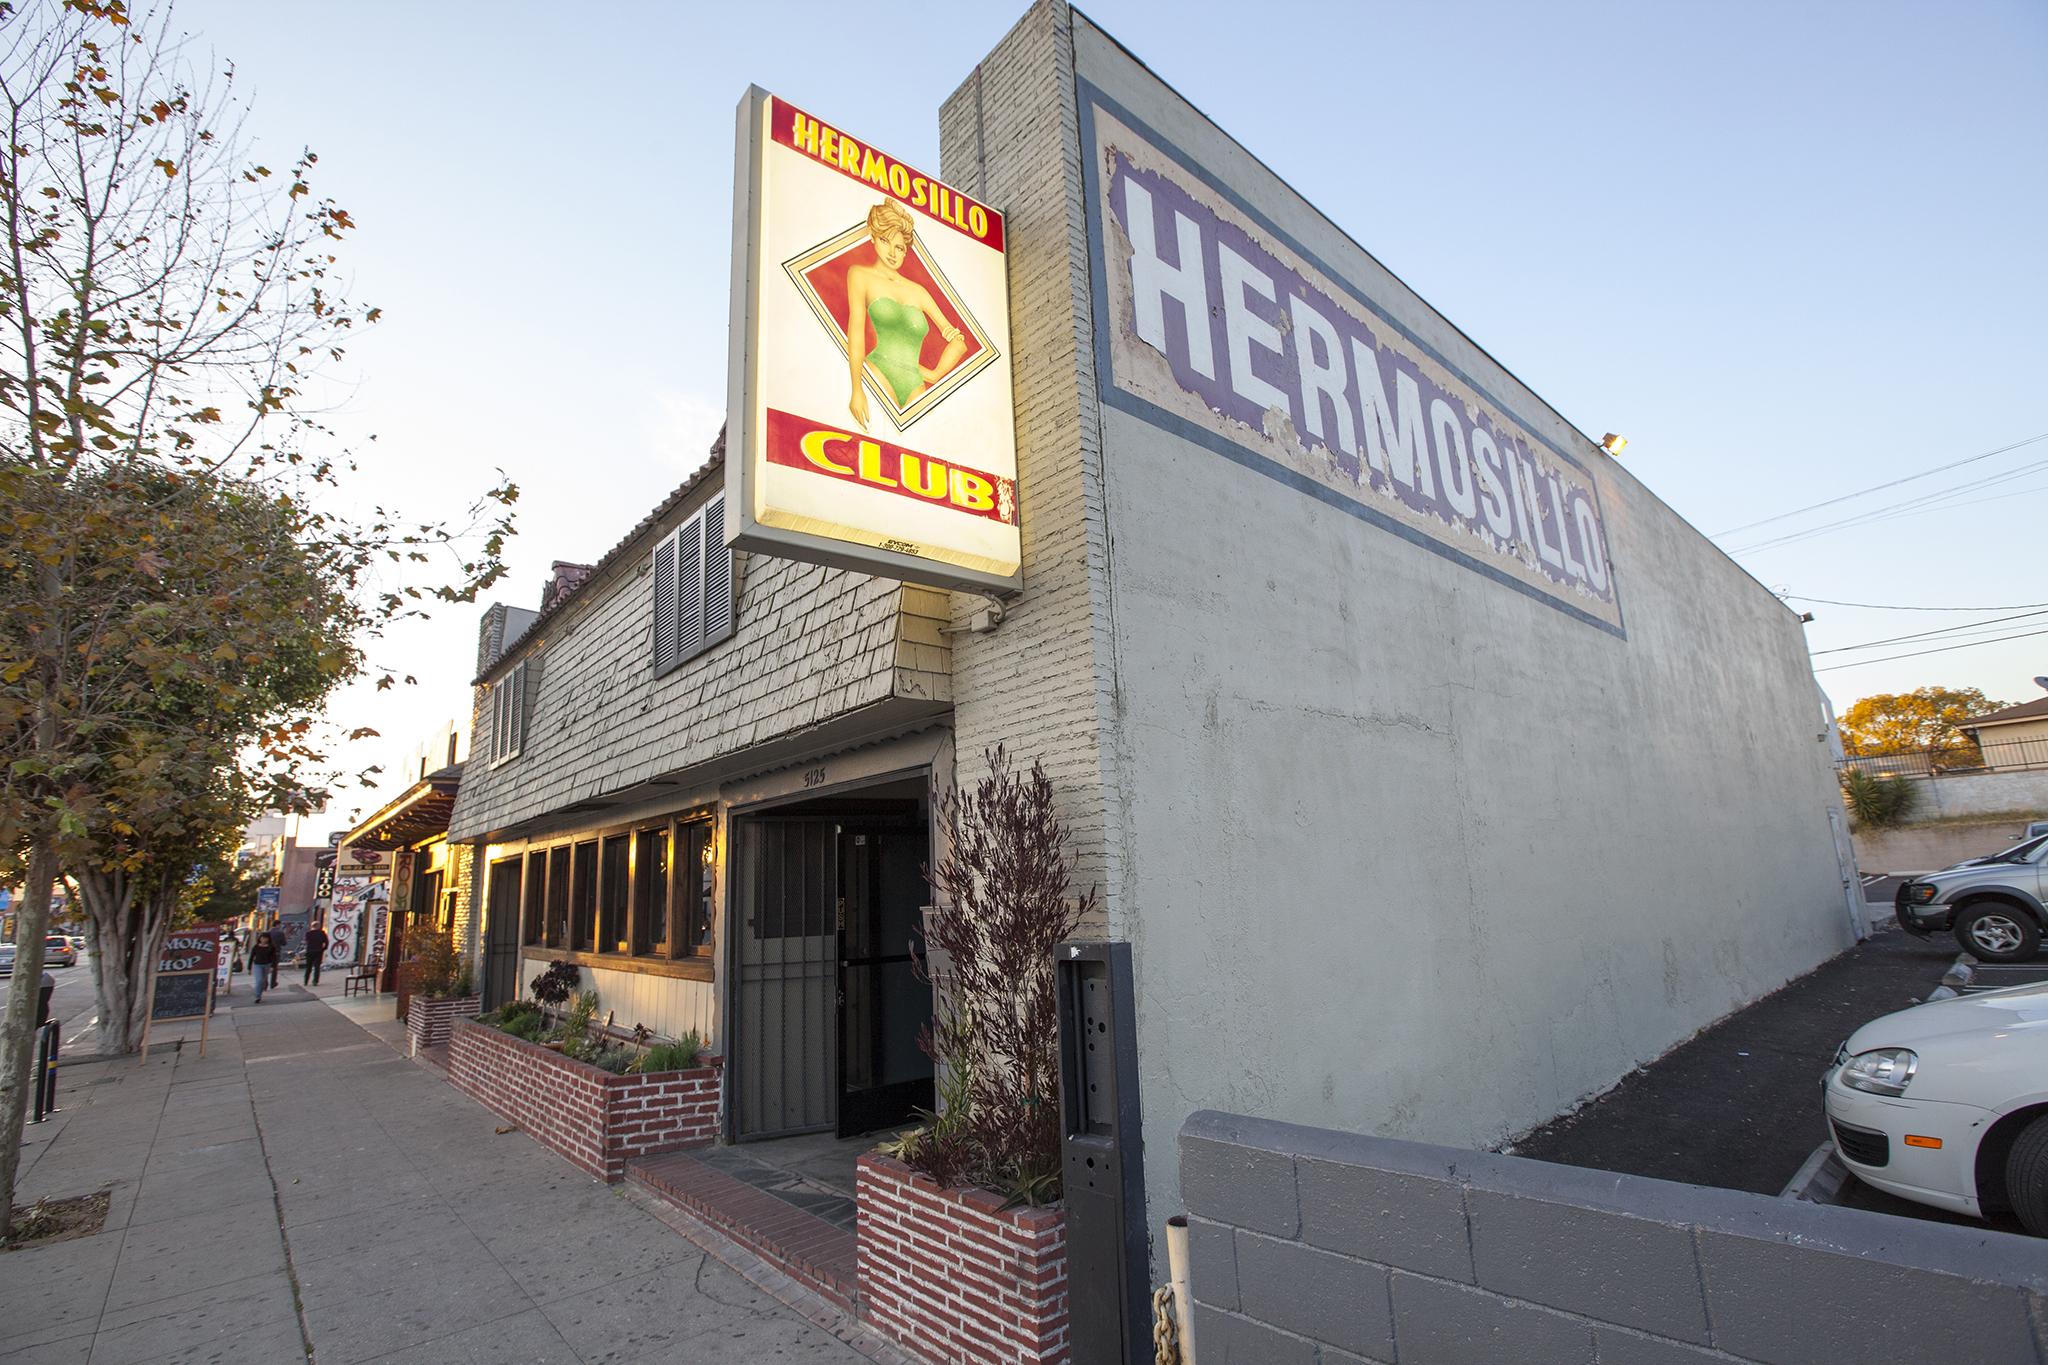 <p>The Hermosillo</p>